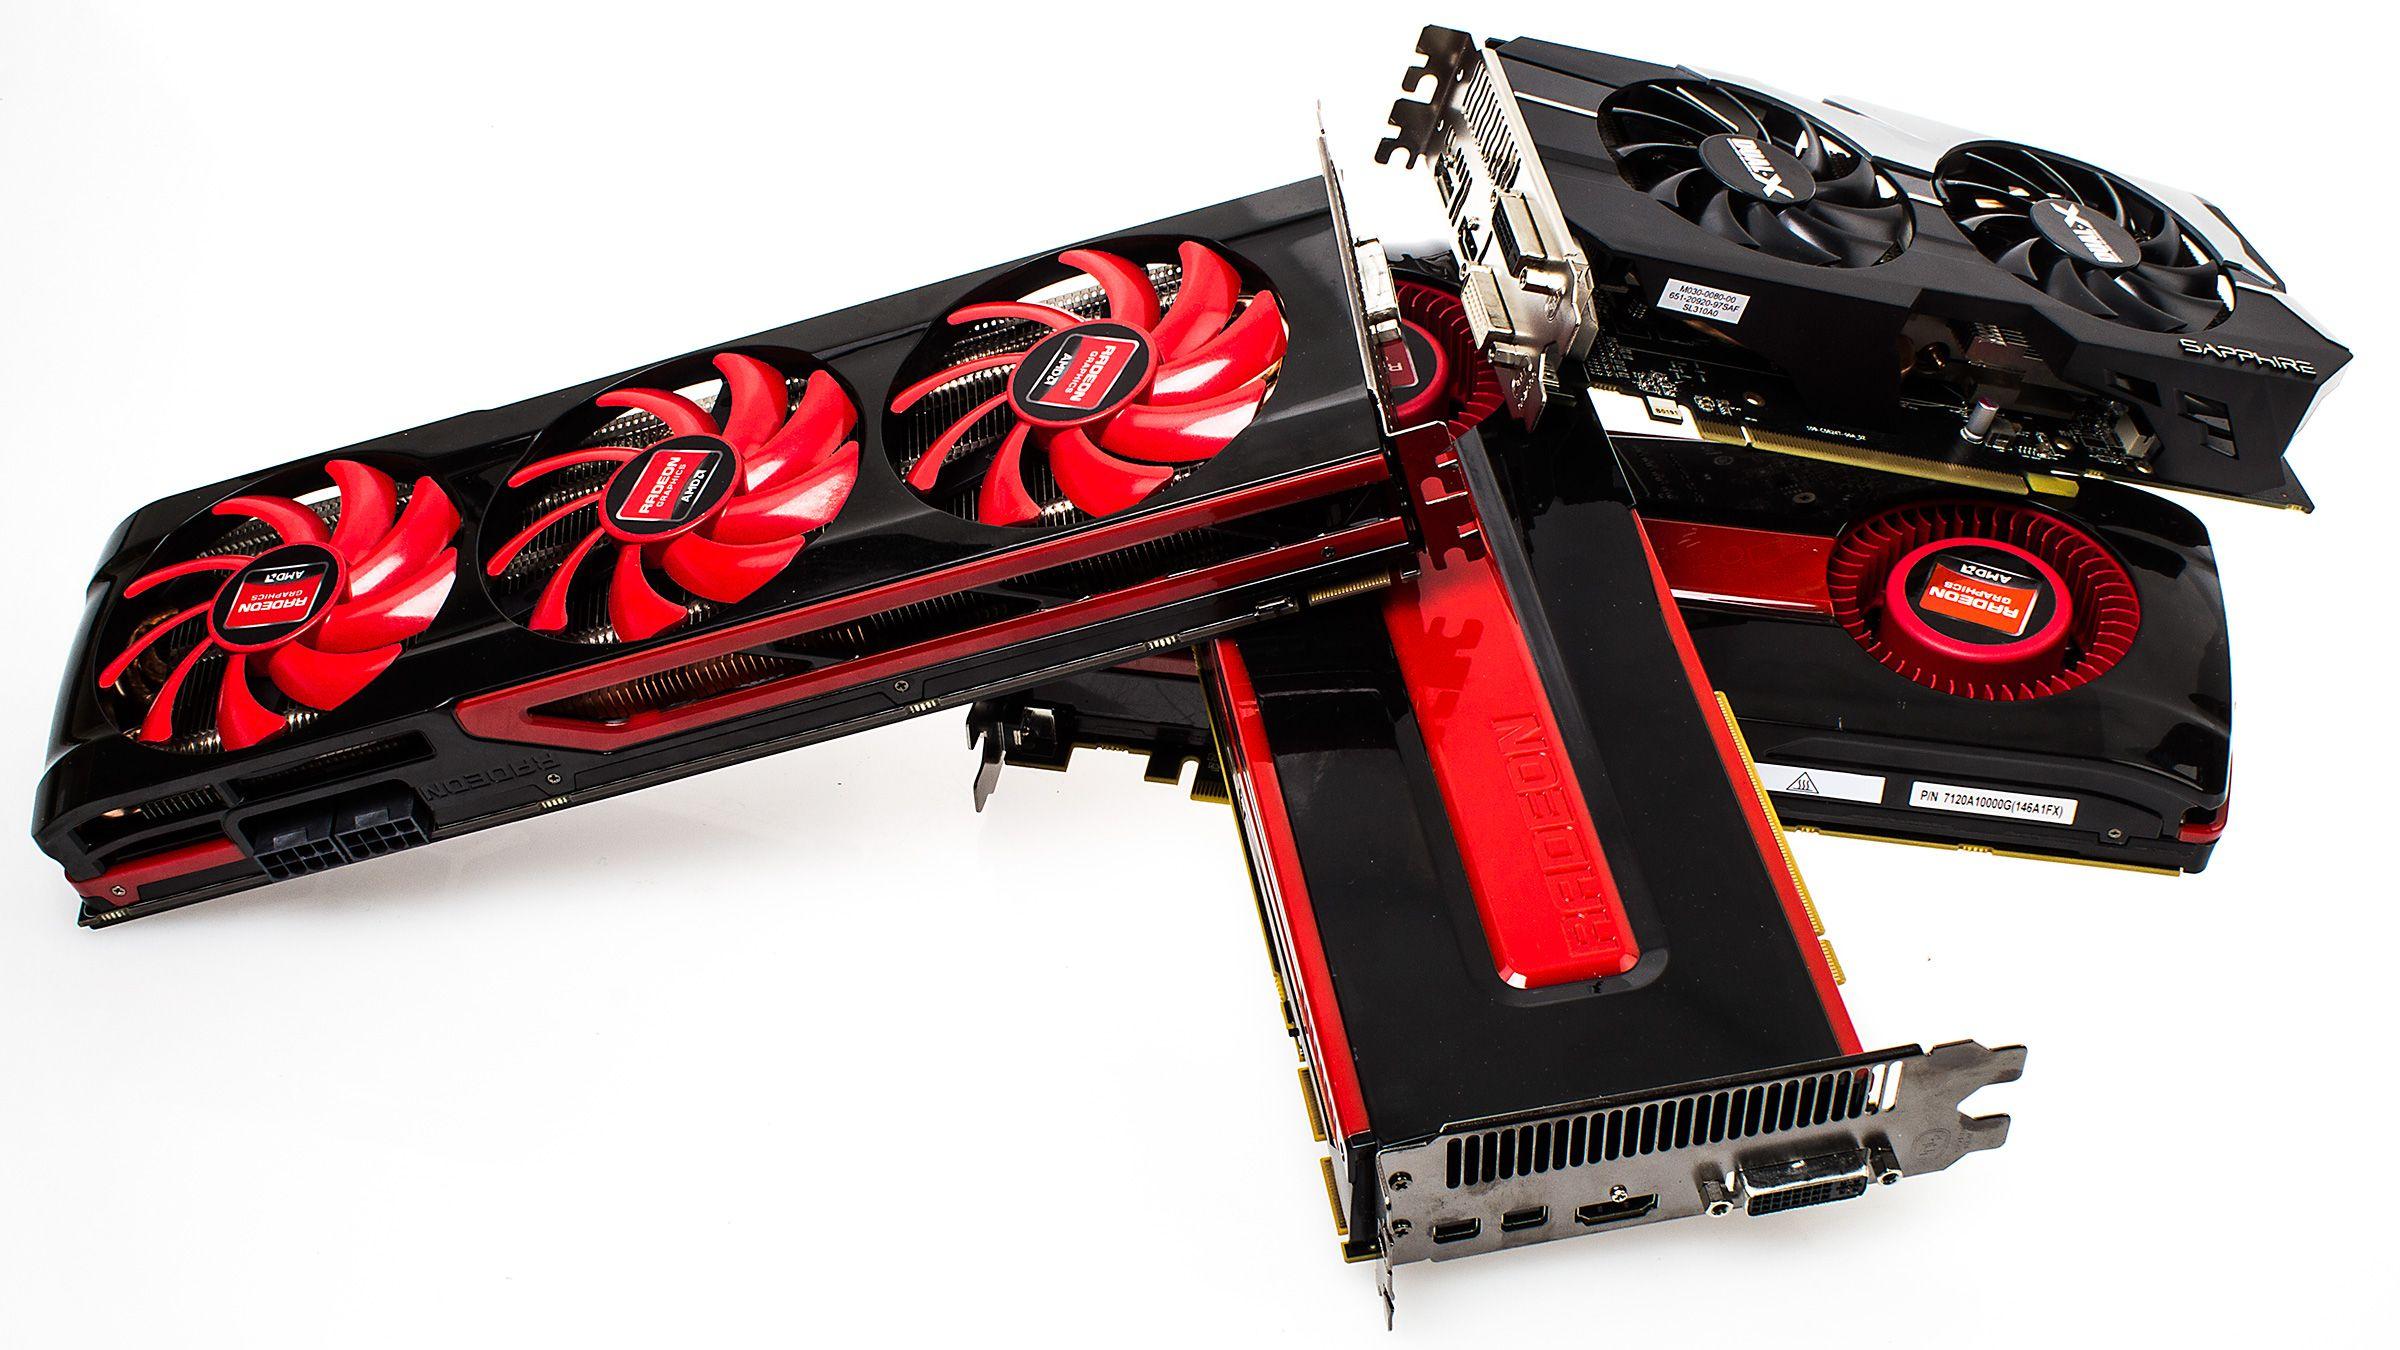 På Radeon-fronten er det enn så lenge kun HD 7000-serien vi har testet med gamle drivere.Foto: Varg Aamo, Hardware.no